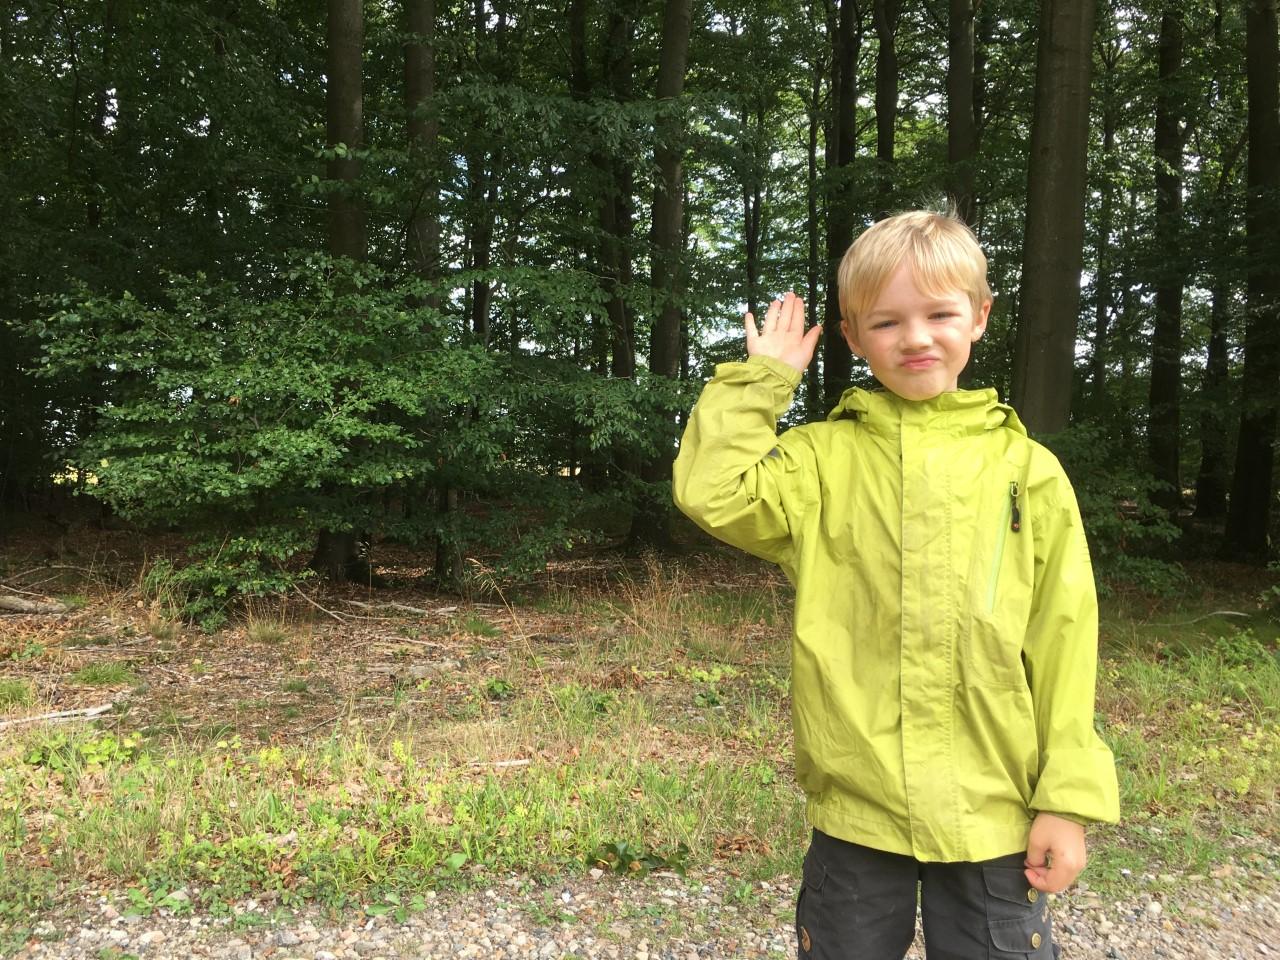 7-årige Frej indsamlede over 10.000 kroner til fordel for klimaet